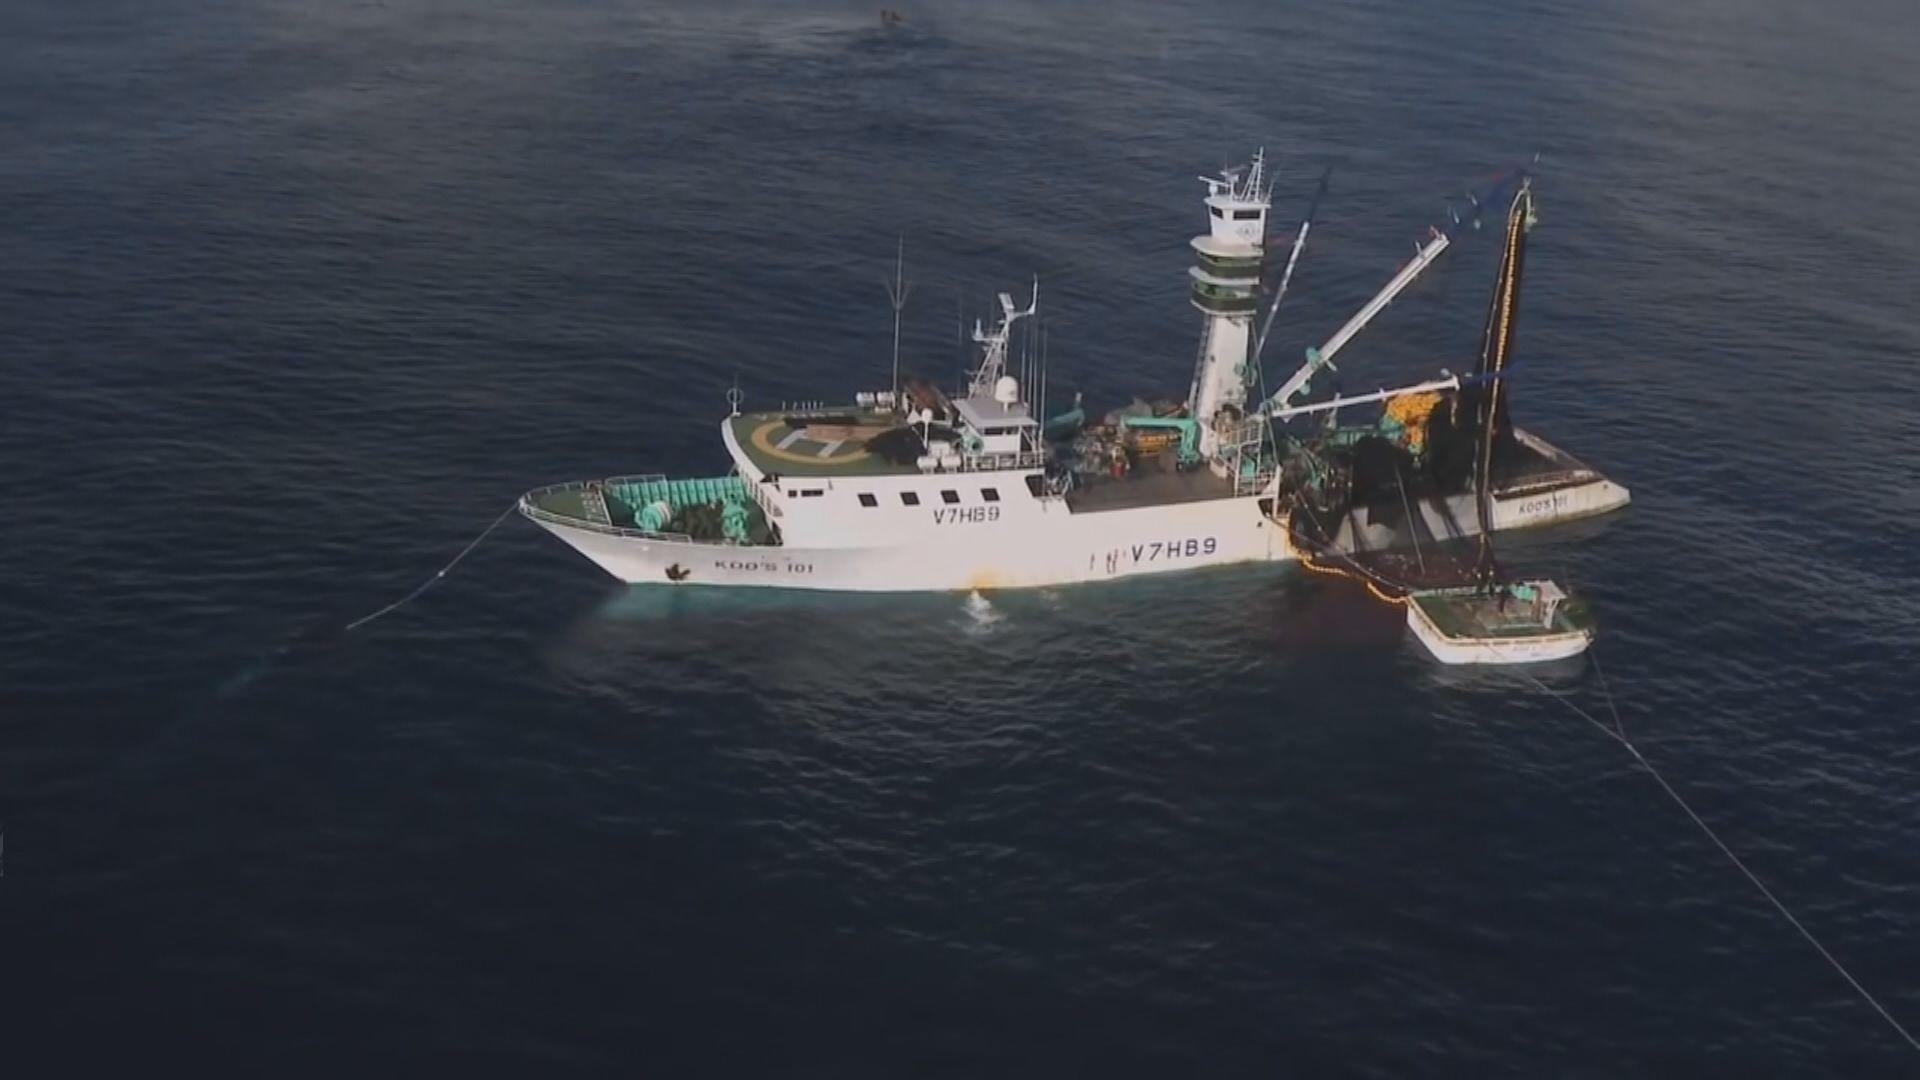 中國企業投資巴布亞新畿內亞漁業項目 澳洲前官員質疑是別有用心